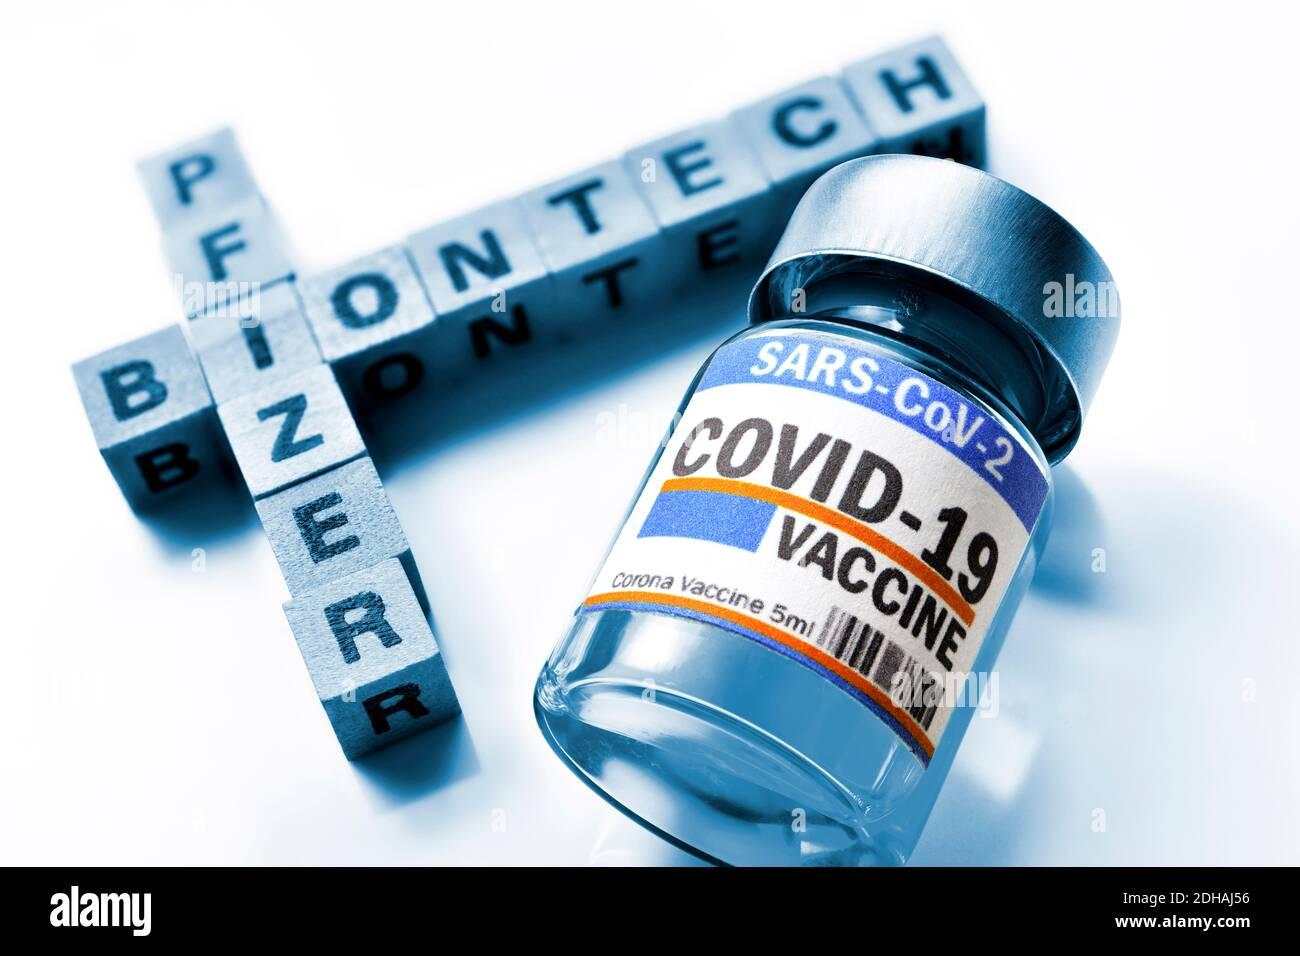 Buchstabenwürfel bilden die Schriftzüge Biontech und Pfizer neben Corona-Impfstoff, Symbolfoto Corona-Impfmittel Stock Photo